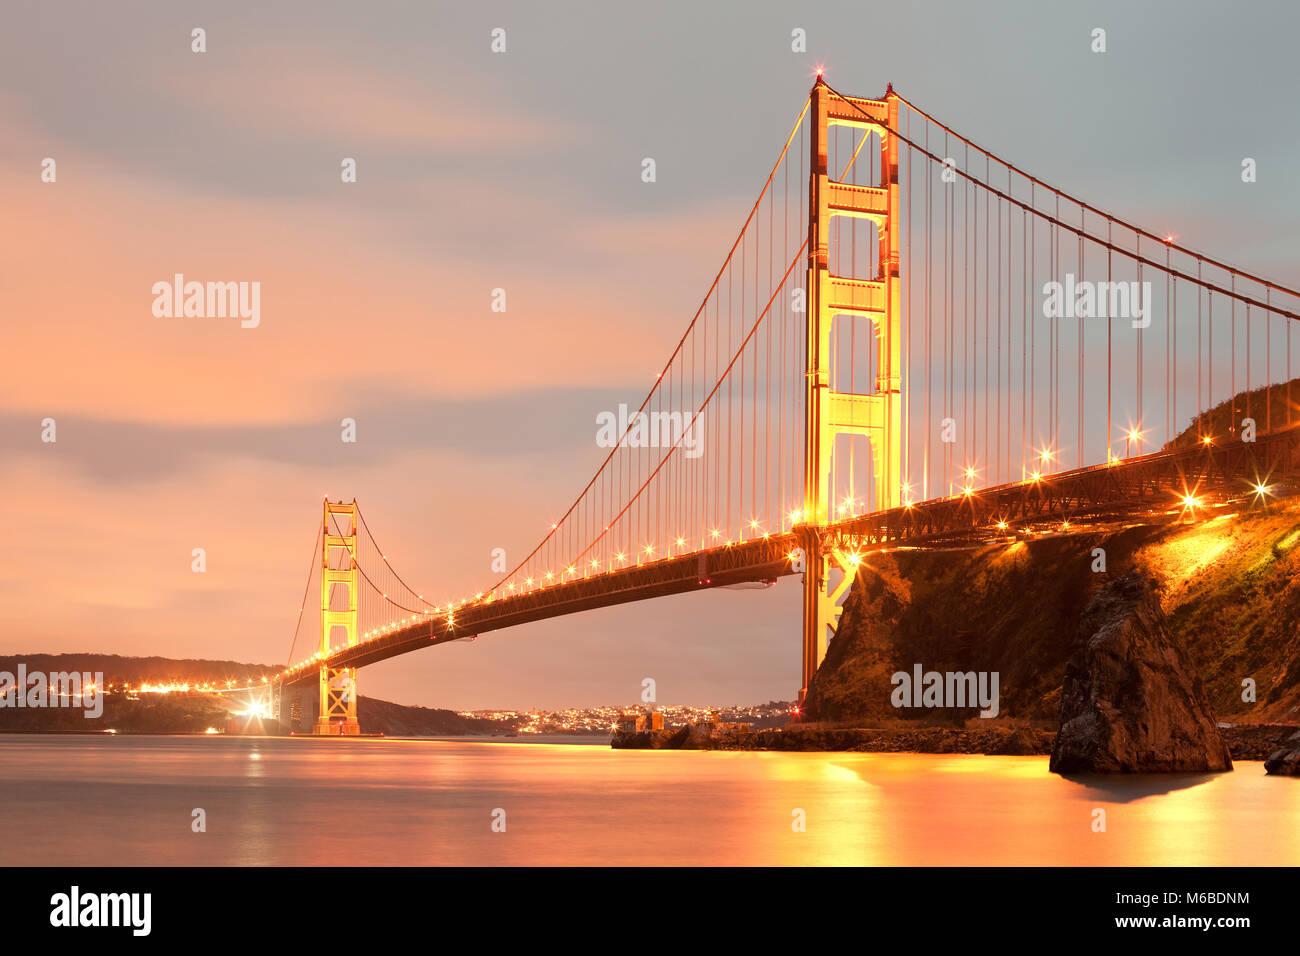 Le Golden Gate Bridge, San Francisco, California, USA Photo Stock